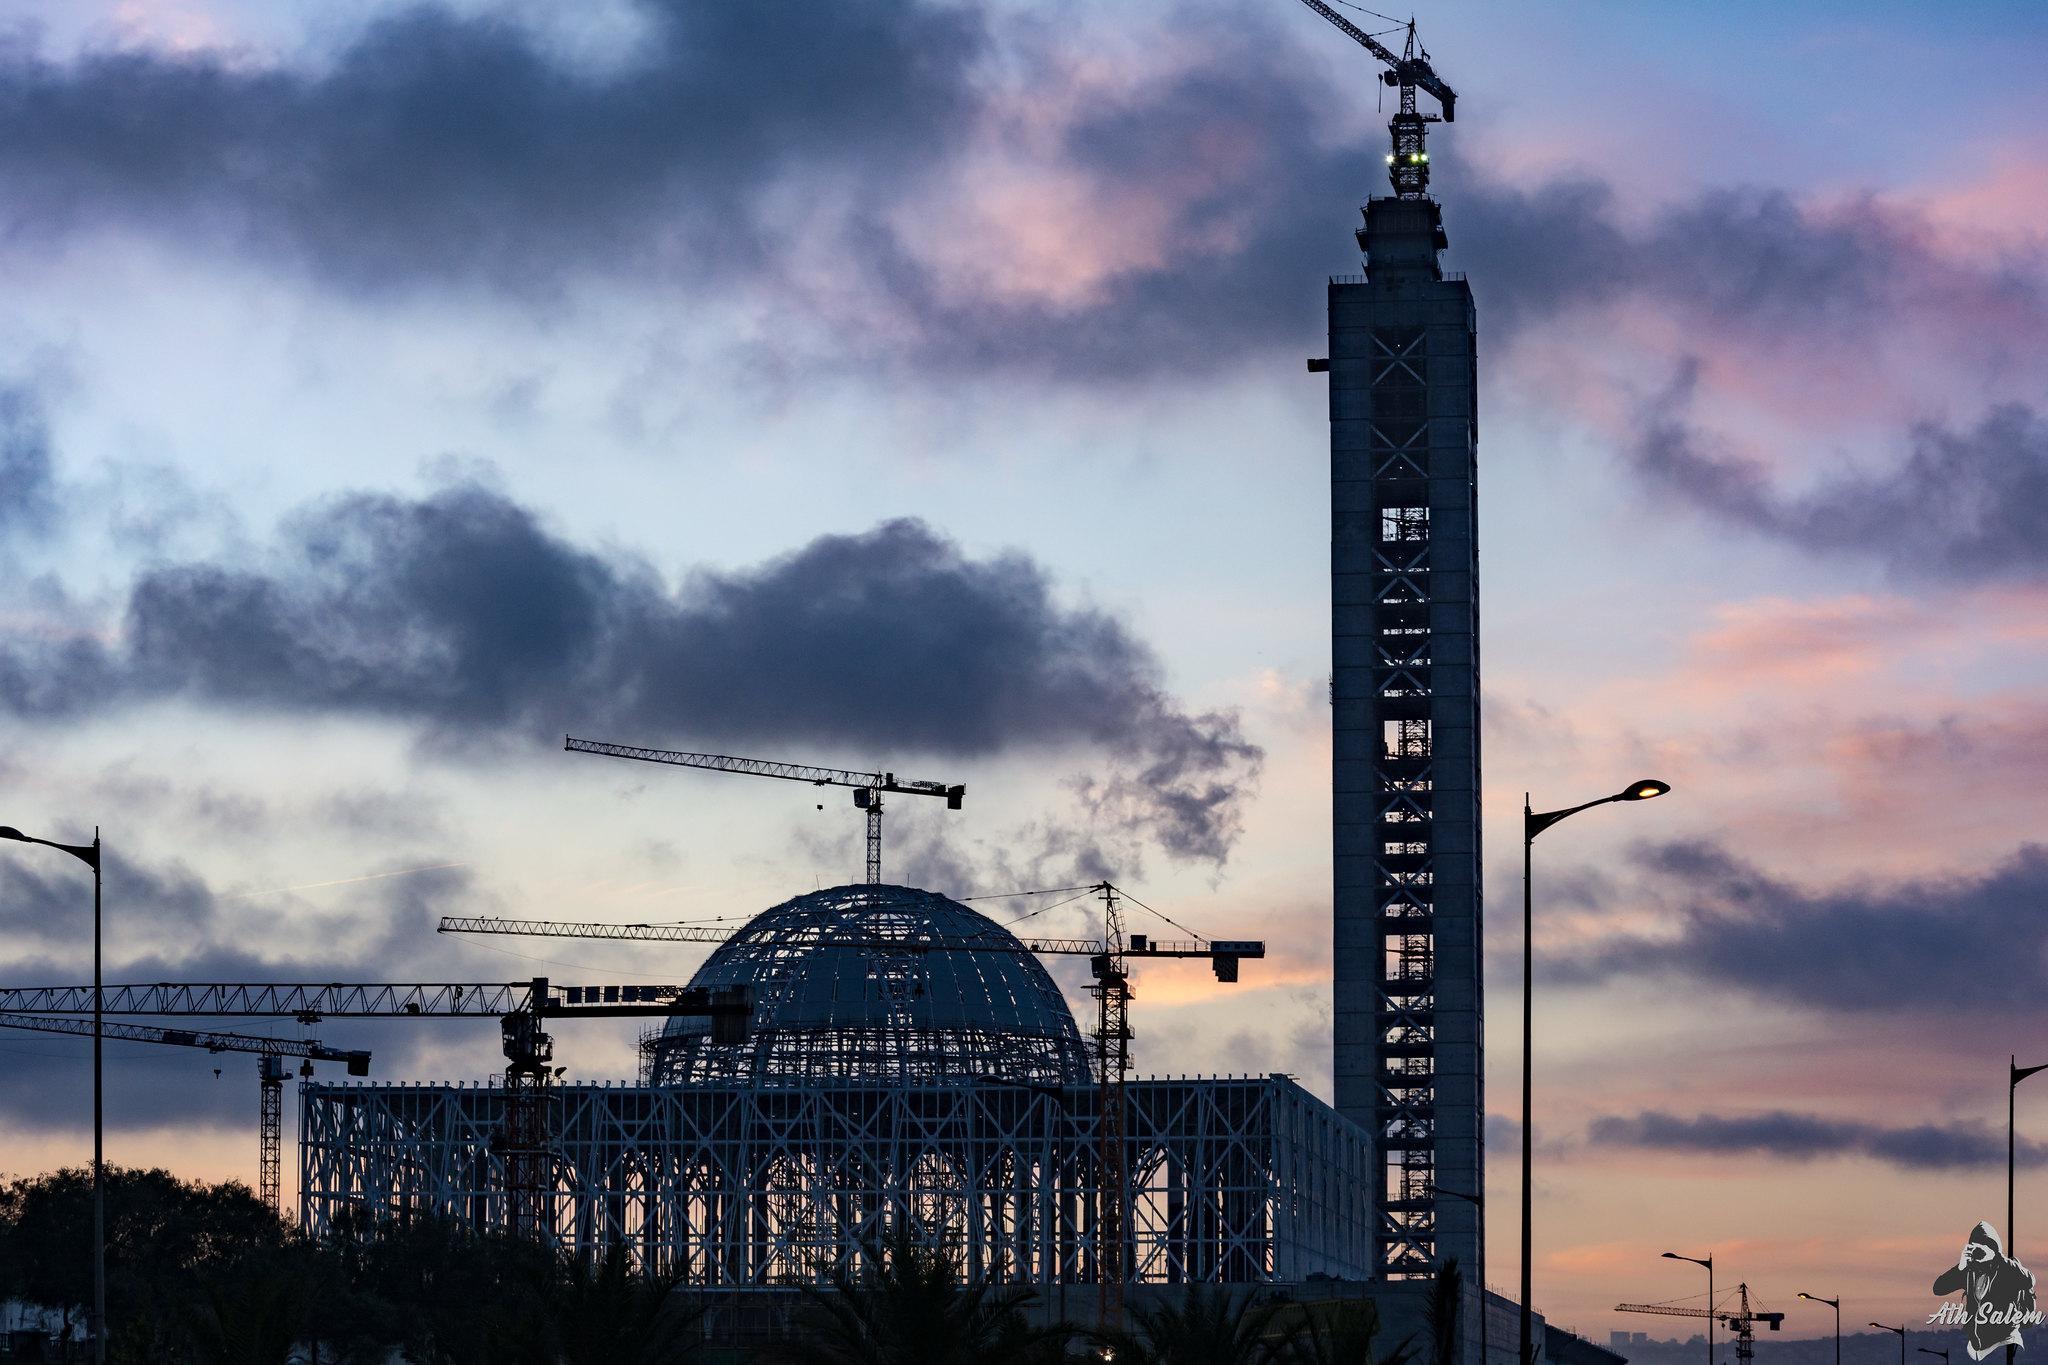 مشروع جامع الجزائر الأعظم: إعطاء إشارة إنطلاق أشغال الإنجاز - صفحة 19 33677345726_2a72a9c725_k